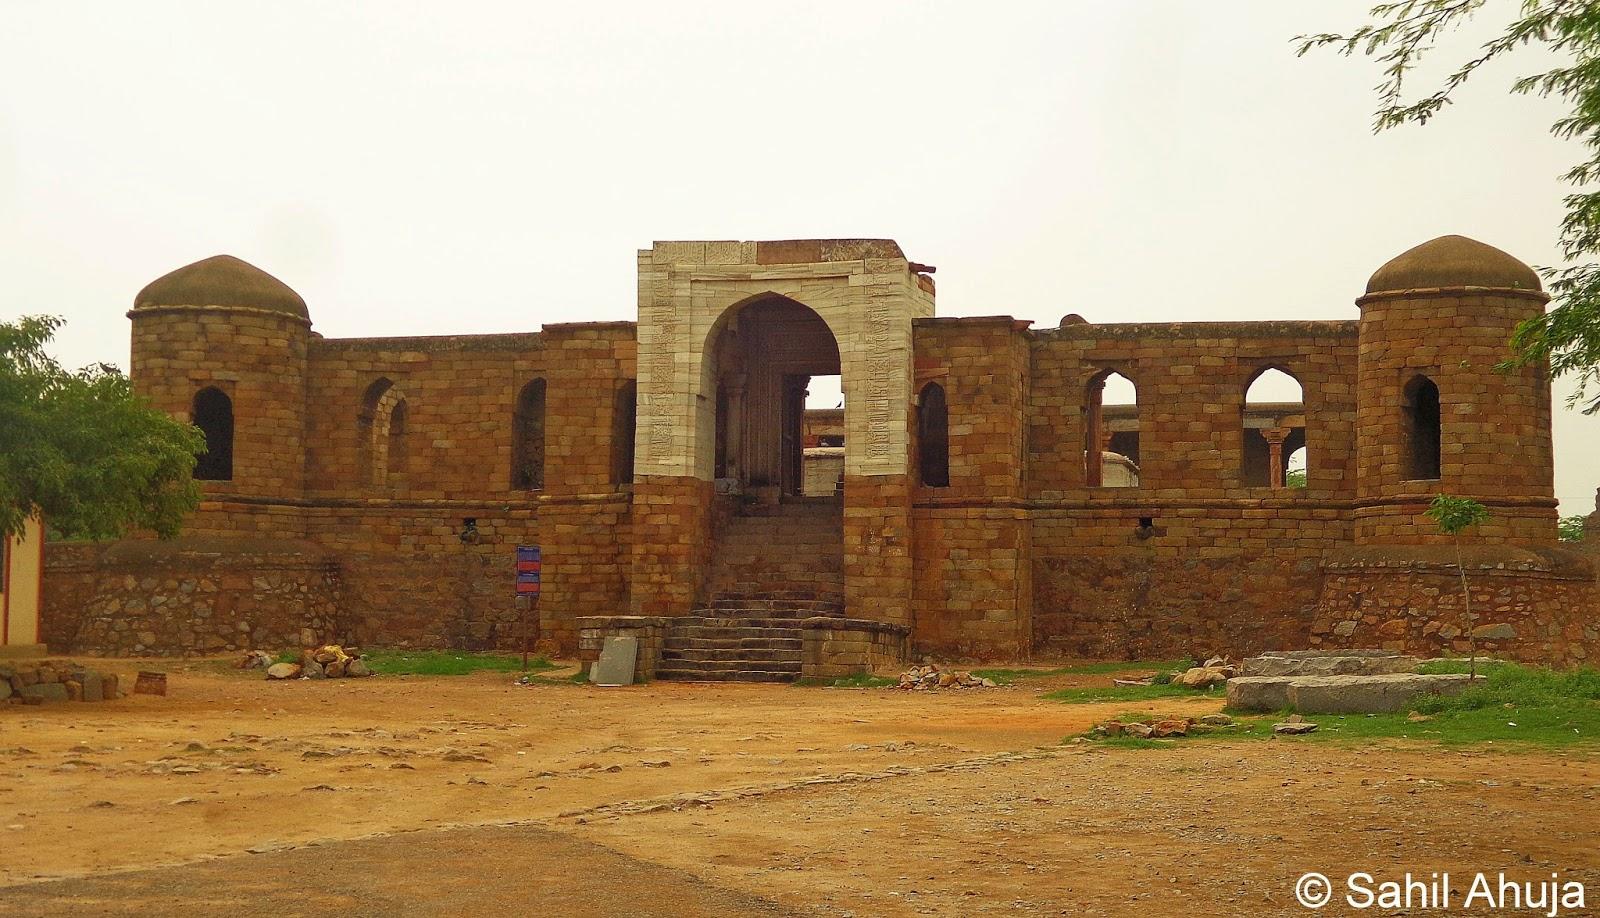 Pixelated Memories: Sultan Garhi, Vasant Kunj, Delhi